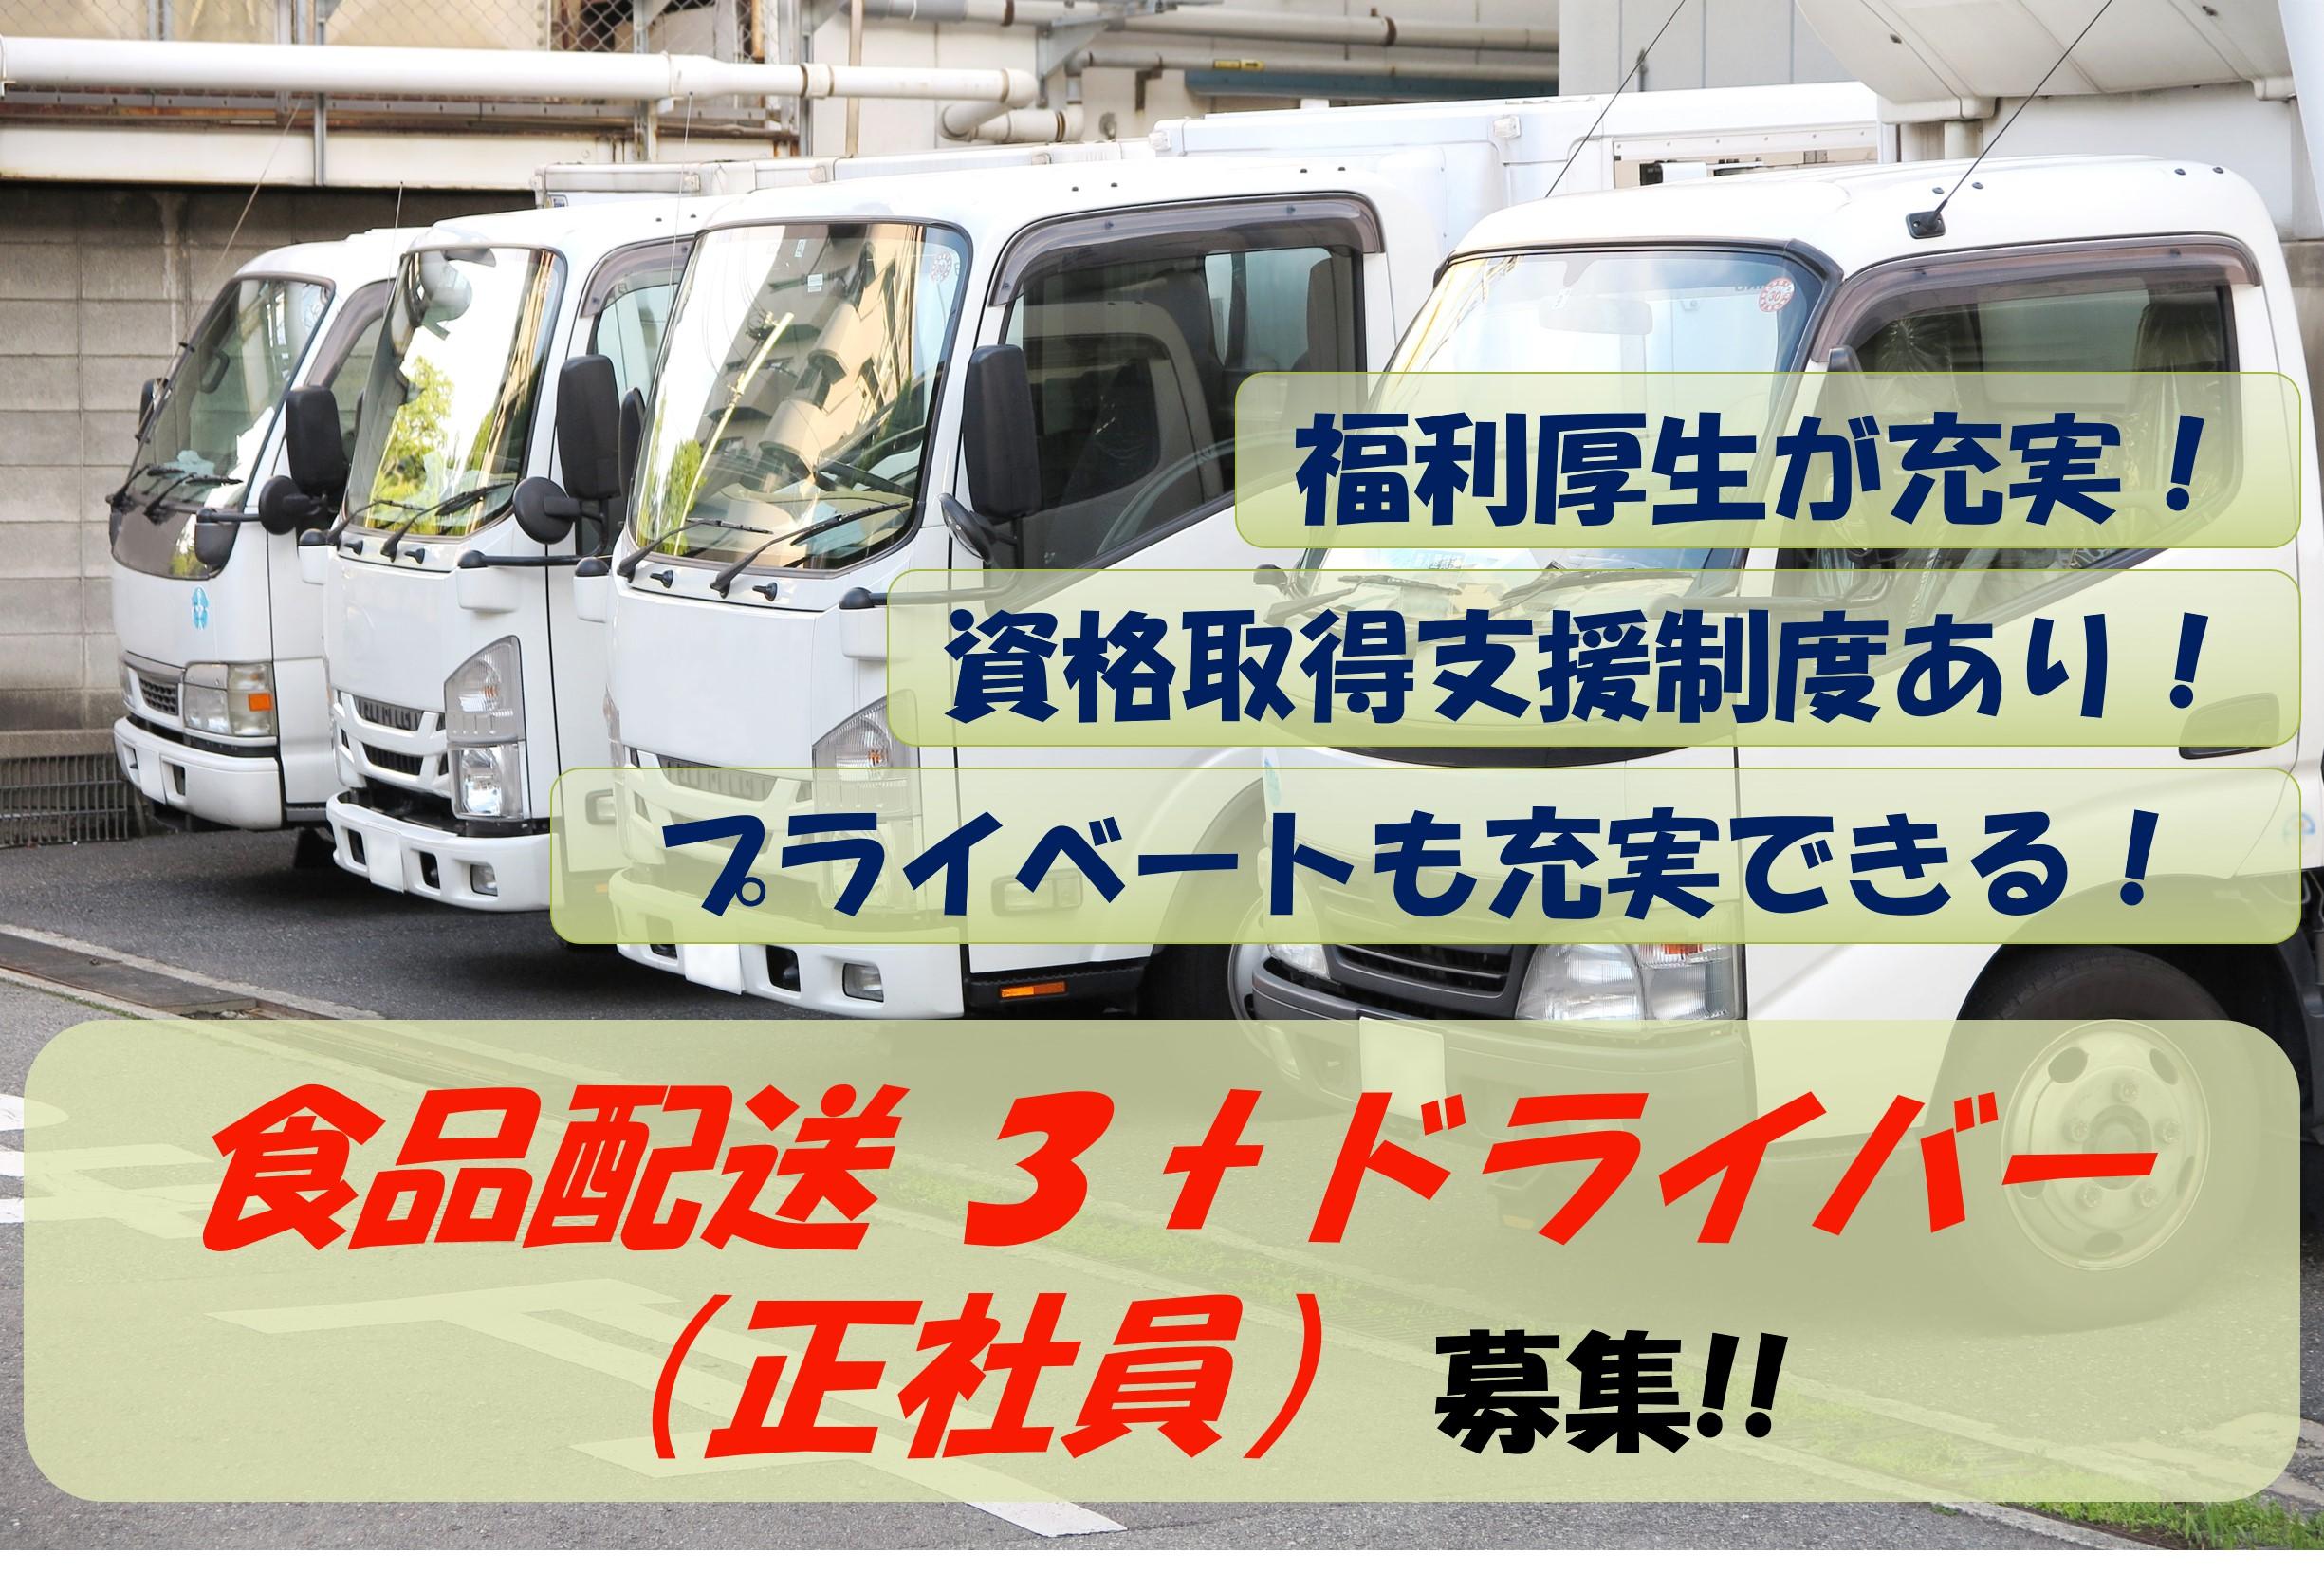 【急募】未経験の方でもOK!資格取得支援制度あり!3tドライバー募集 イメージ